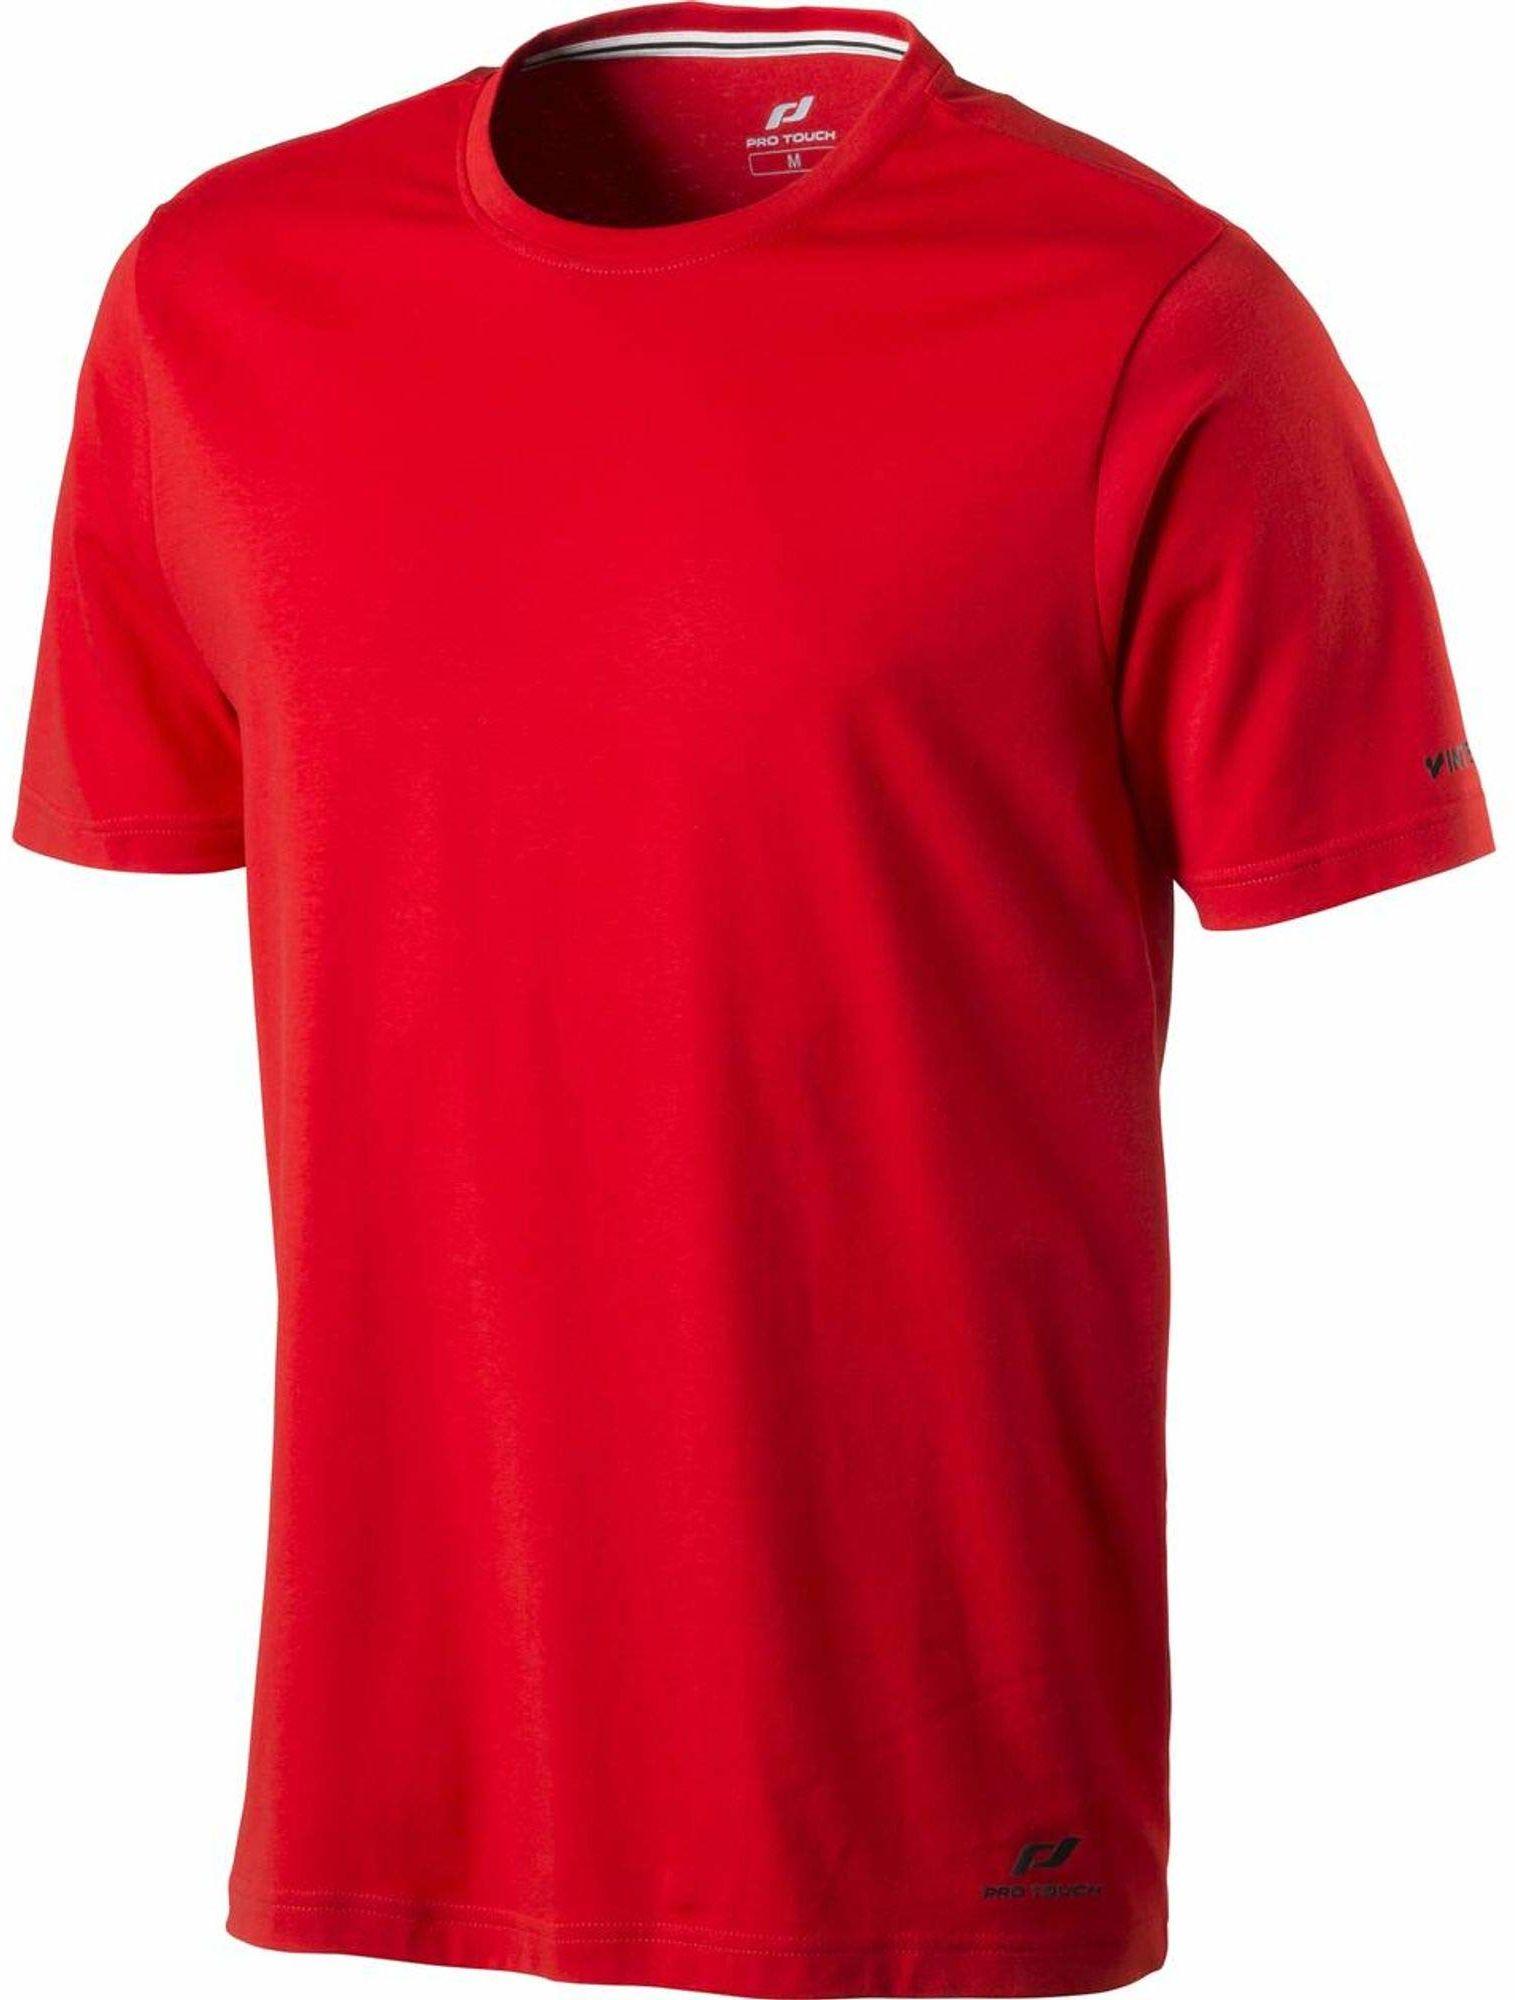 Pro Touch Męski T-shirt Promo czerwony czerwony X-L